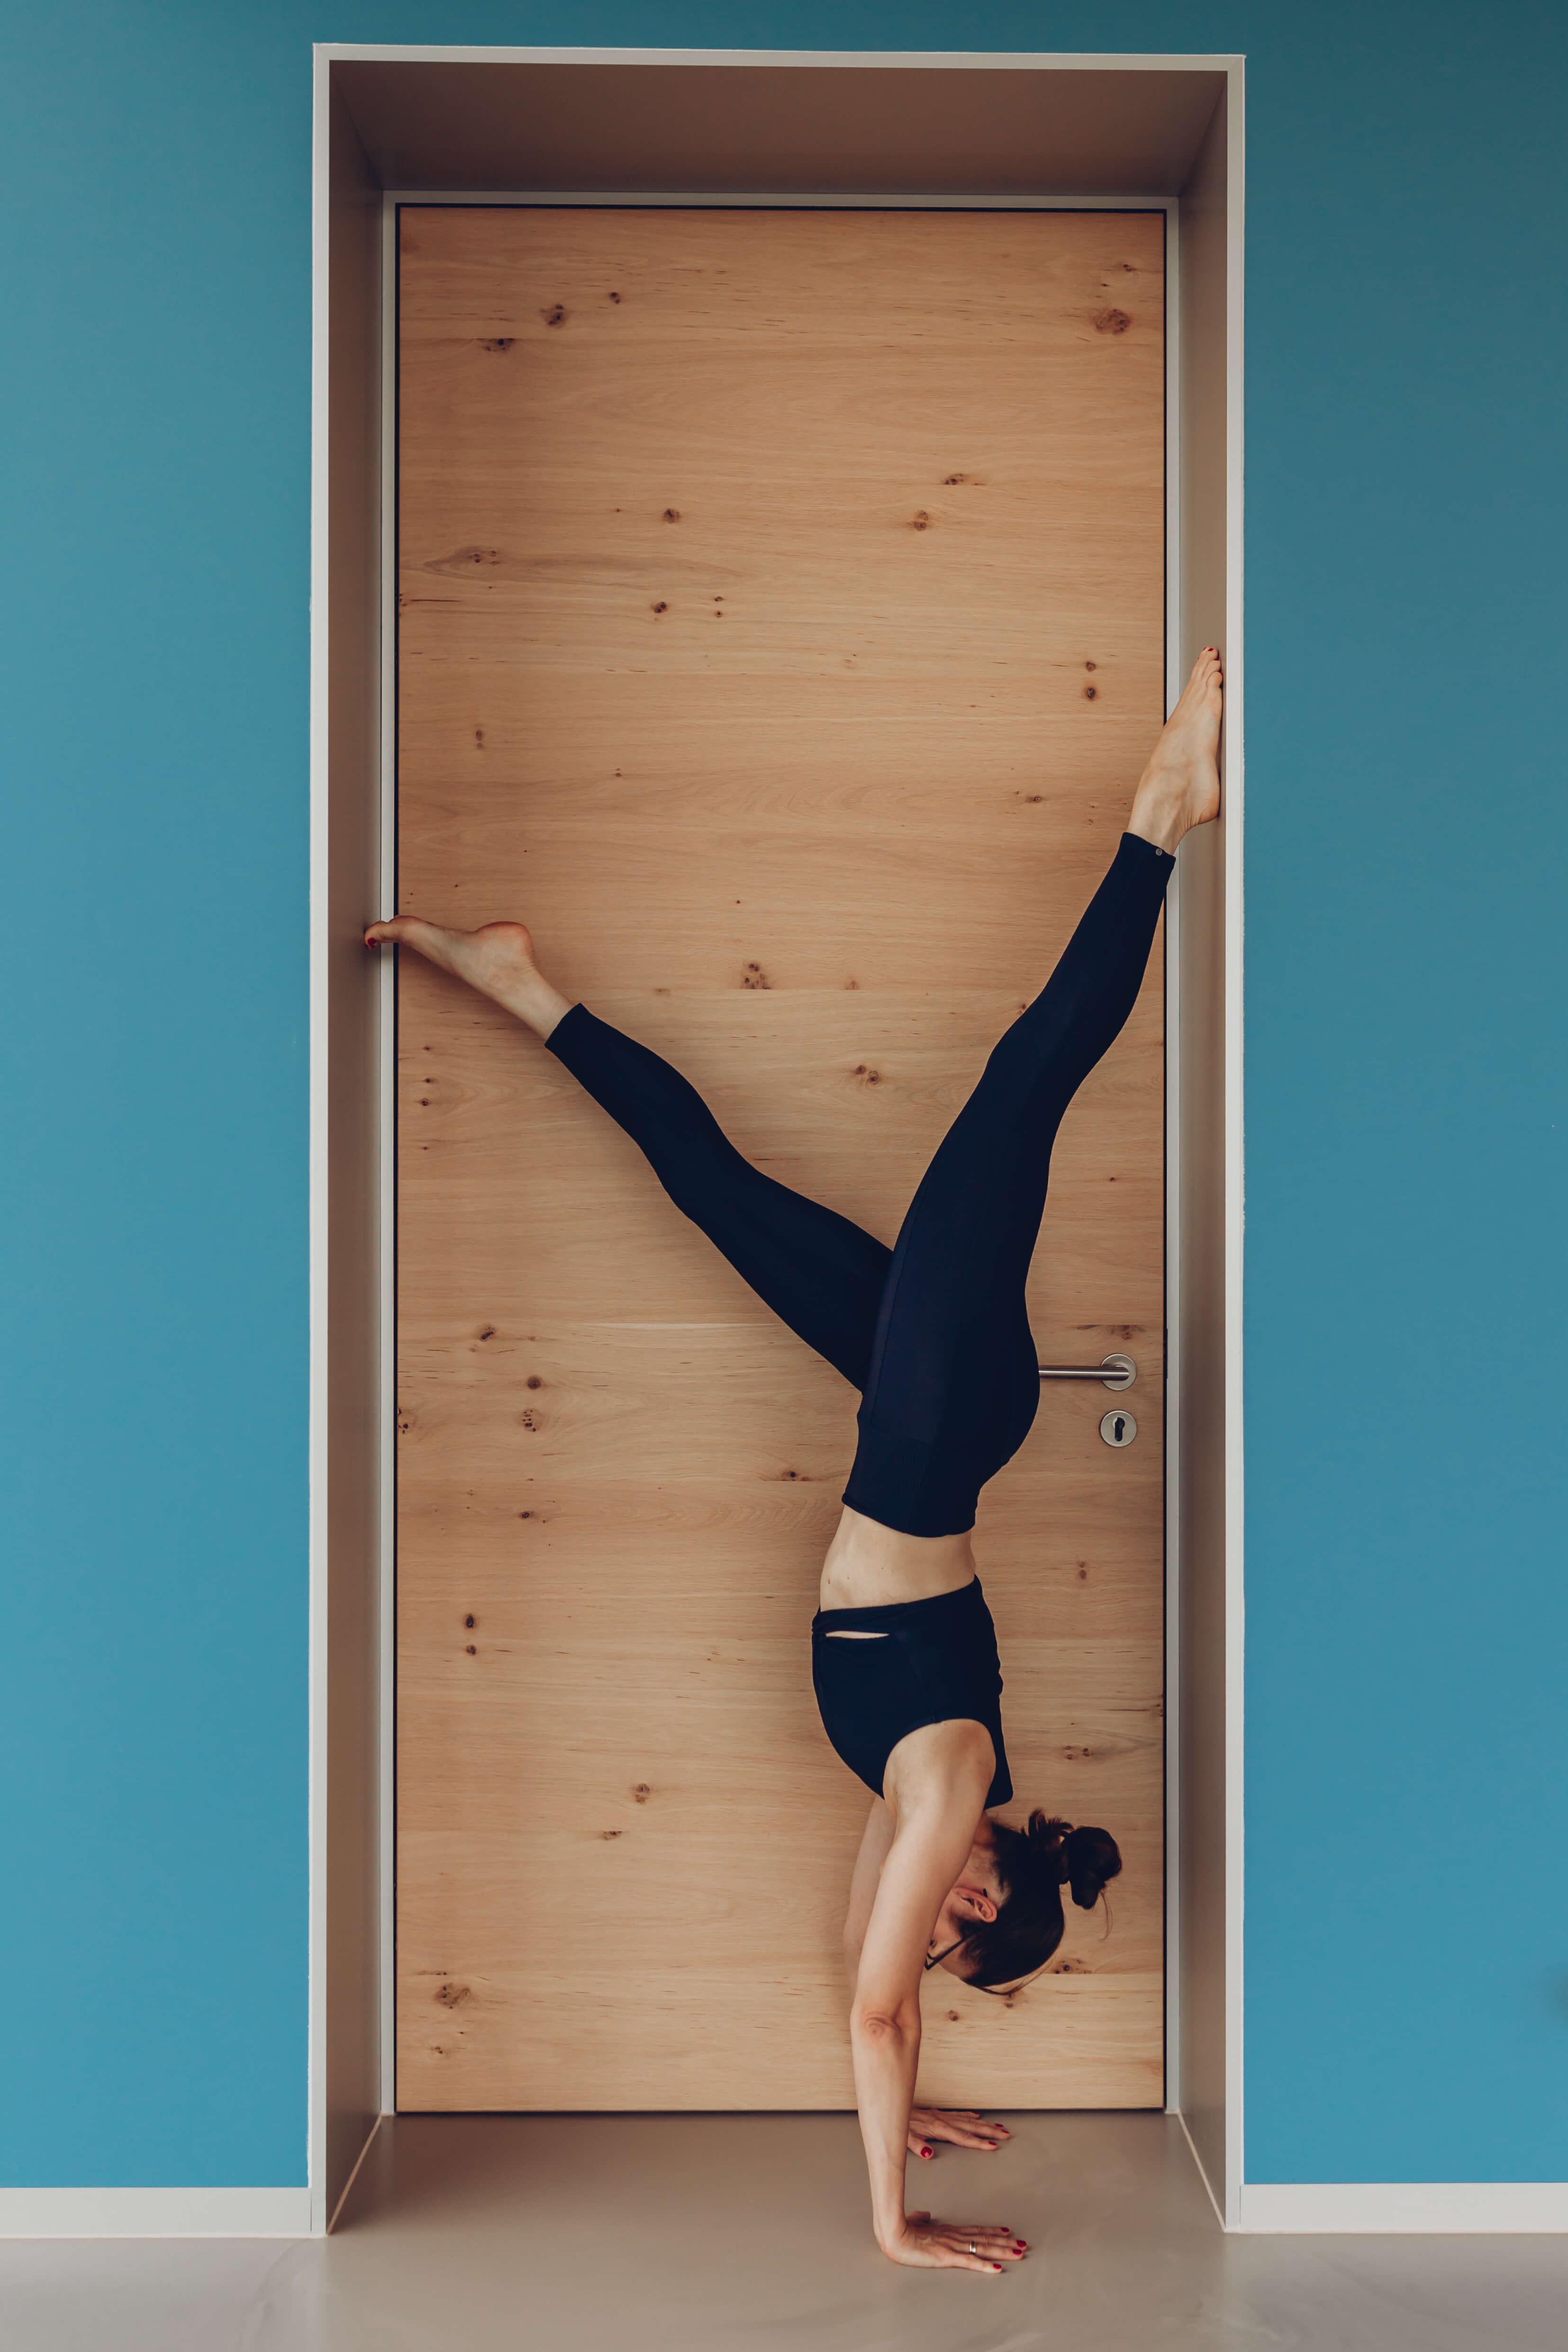 Yoga by Veronika, Handstand, Vrikshasana